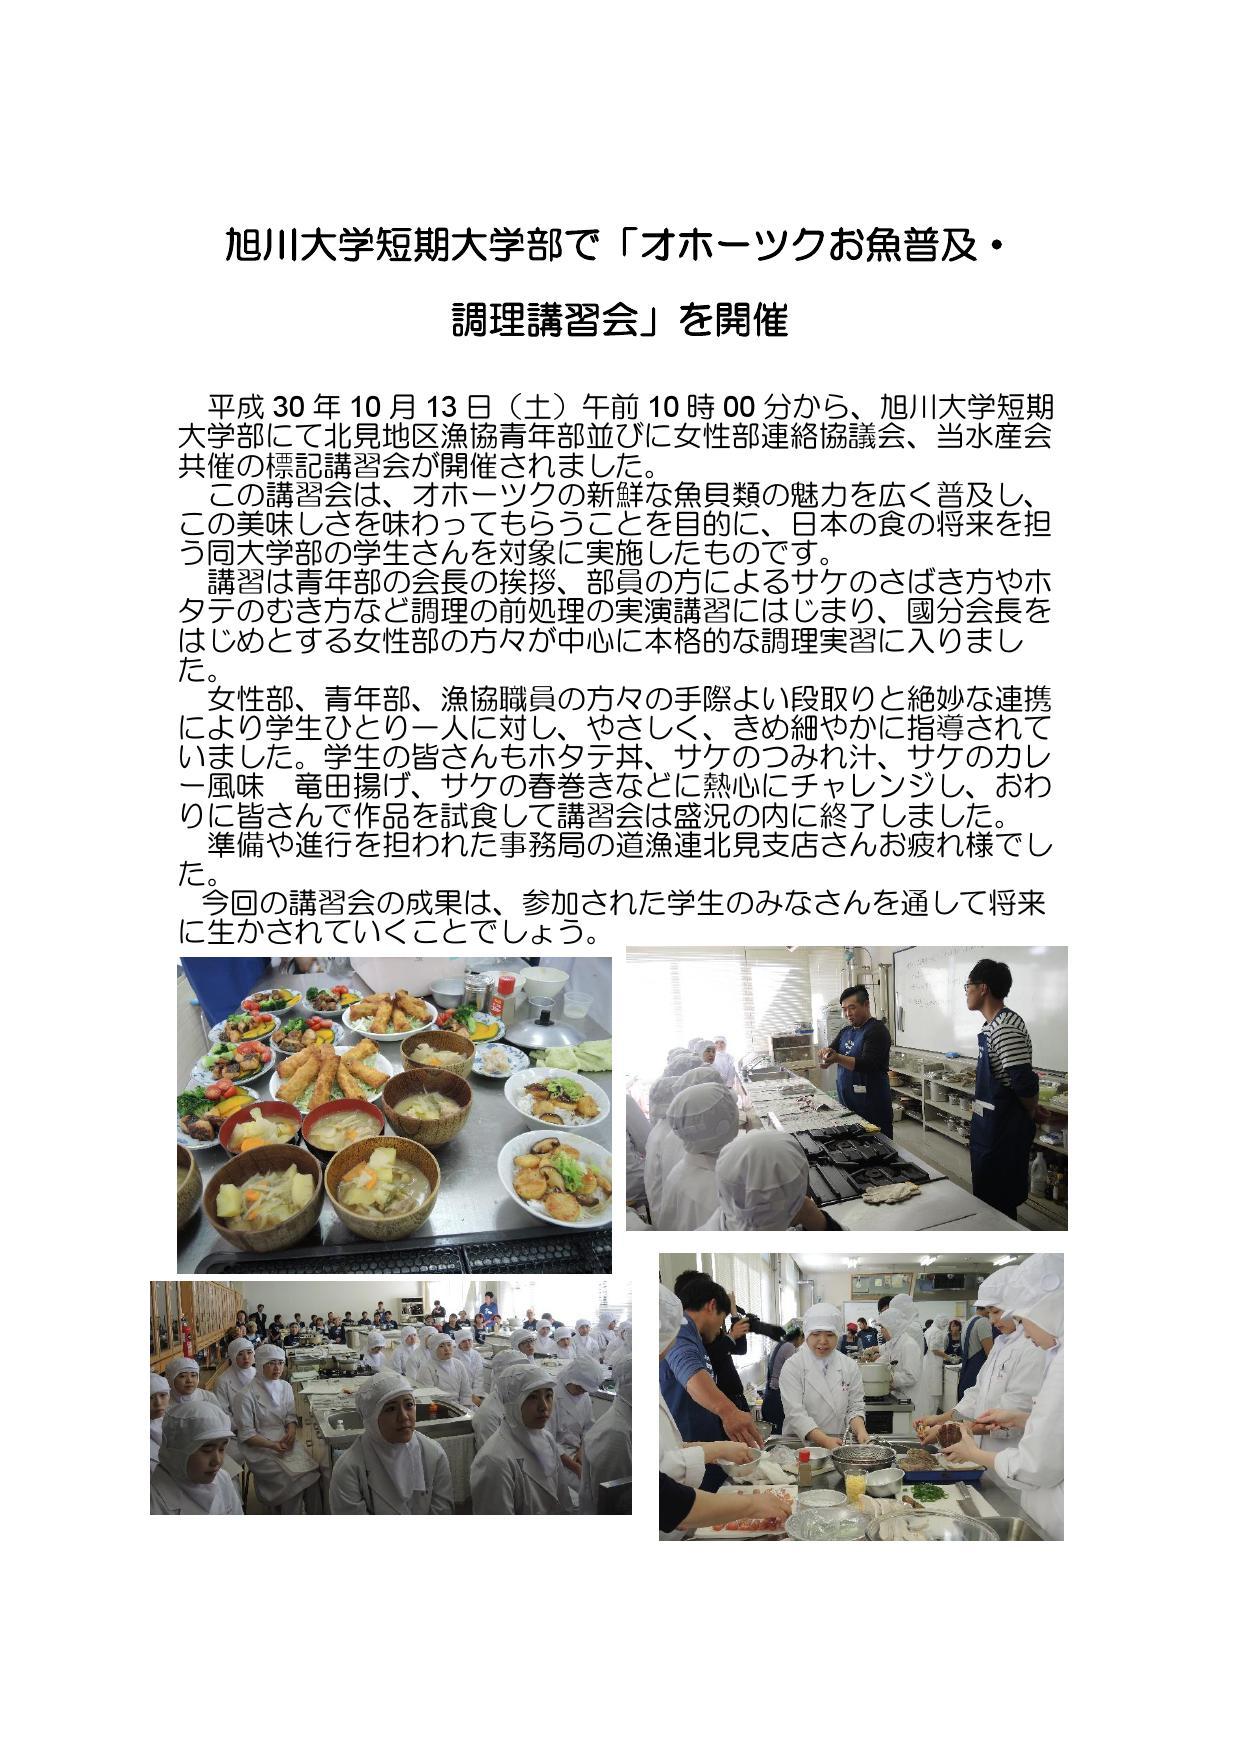 旭川(短大)調理講習会を開催